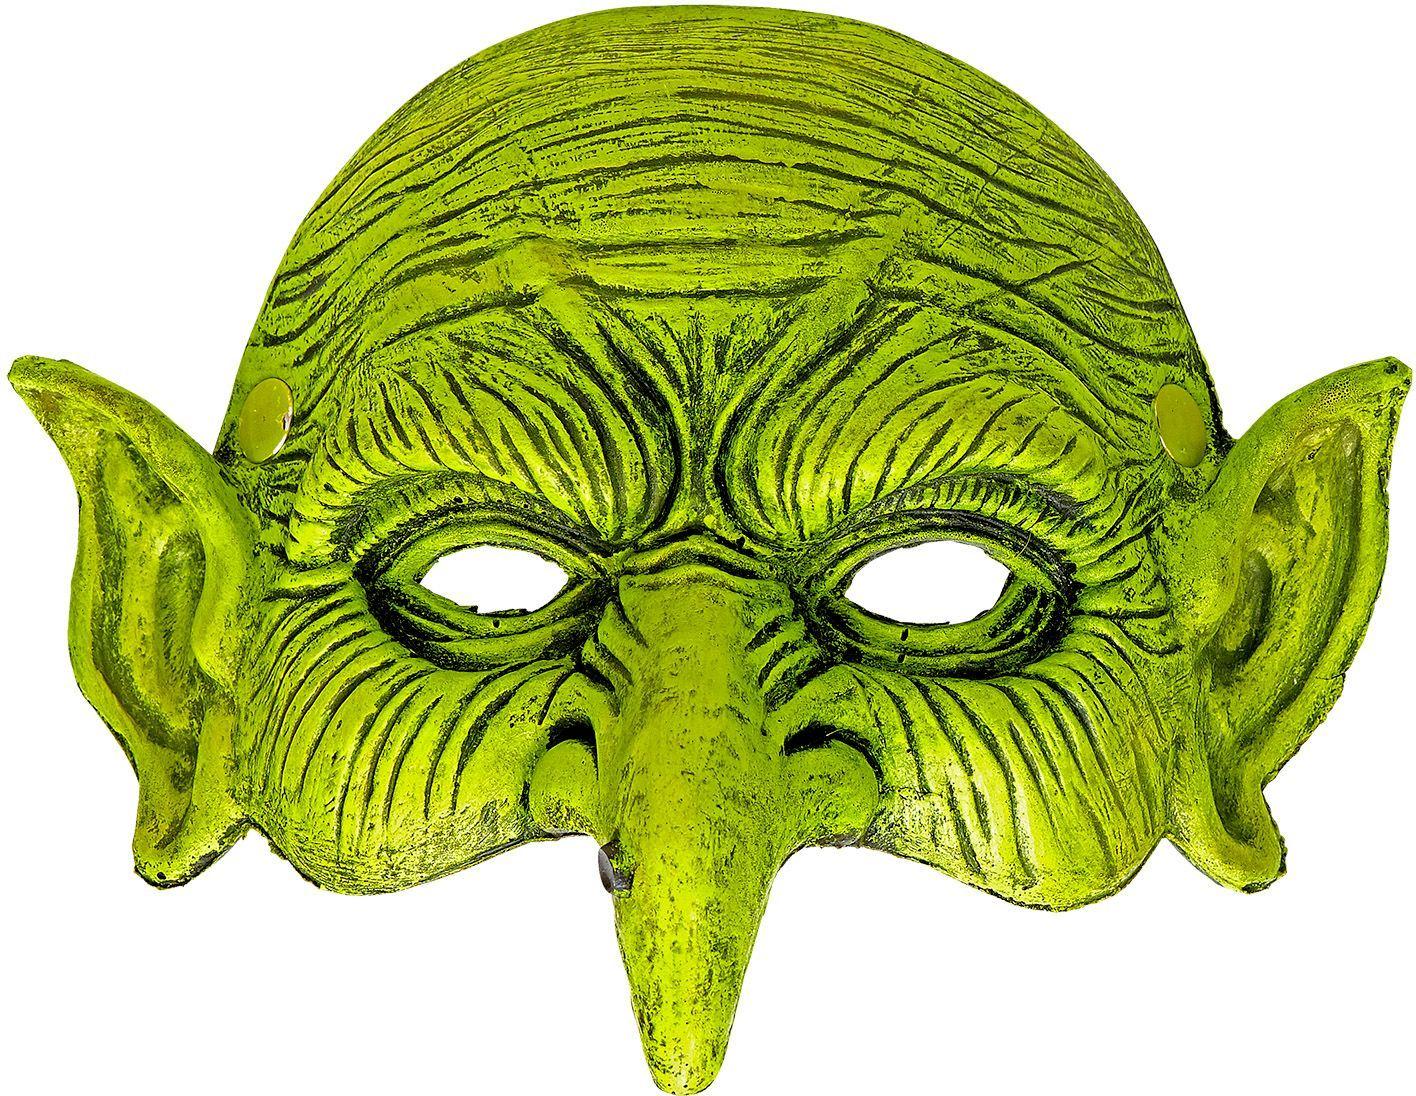 Groen heksen masker